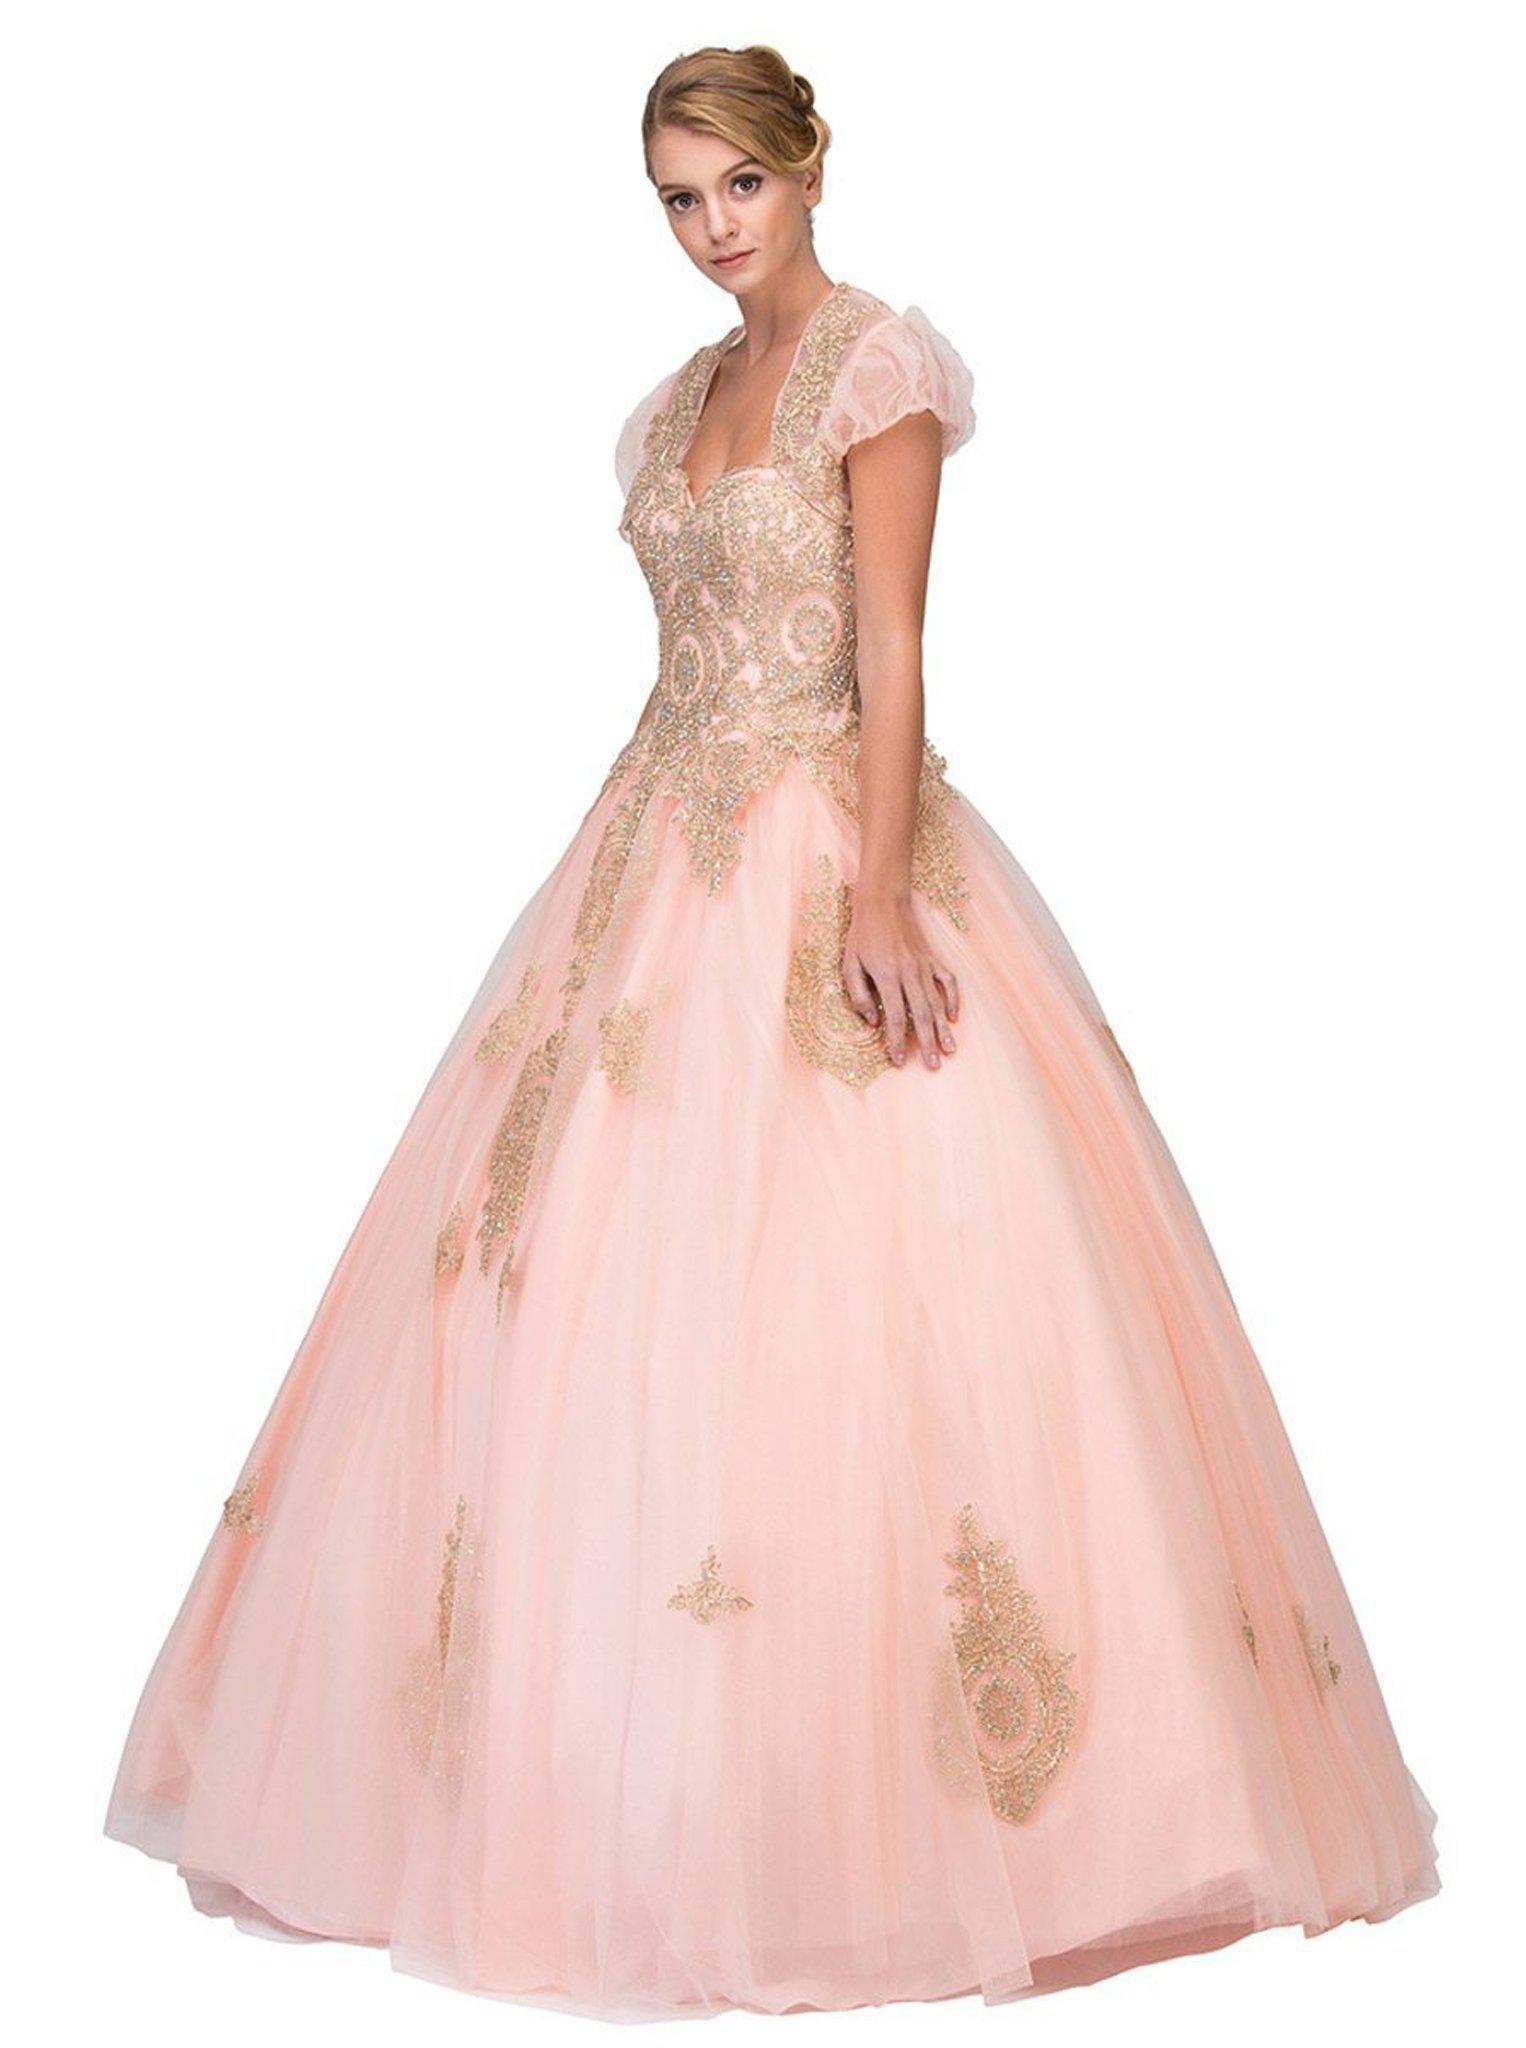 Eureka Fashion - 4088 Applique Sweetheart Ballgown With Bolero